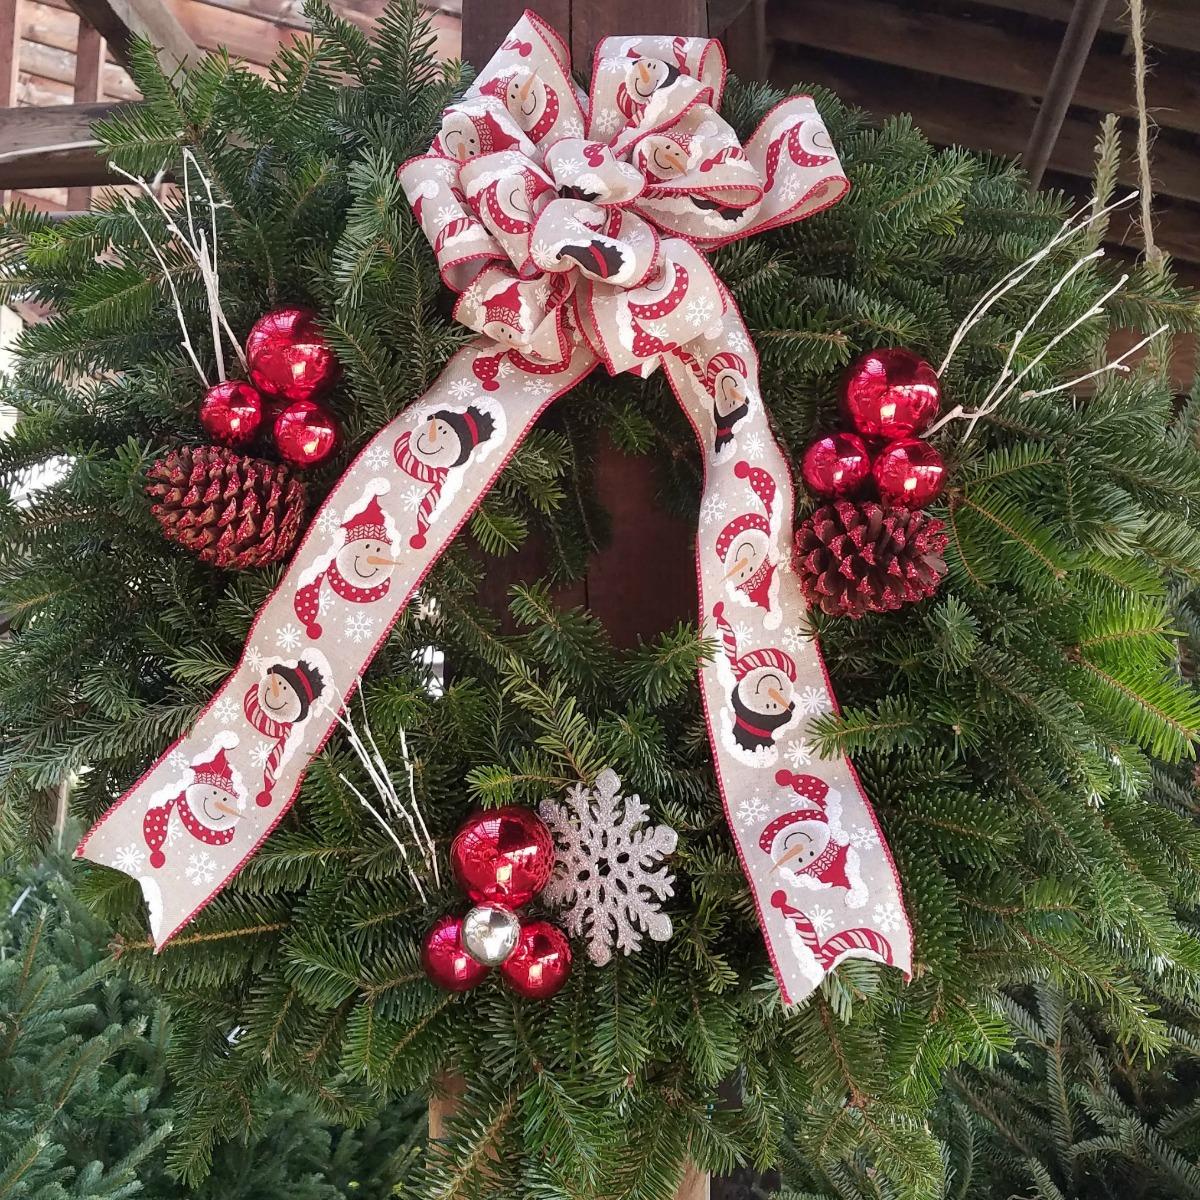 Herbeins Garden Center Handmade Christmas Wreath